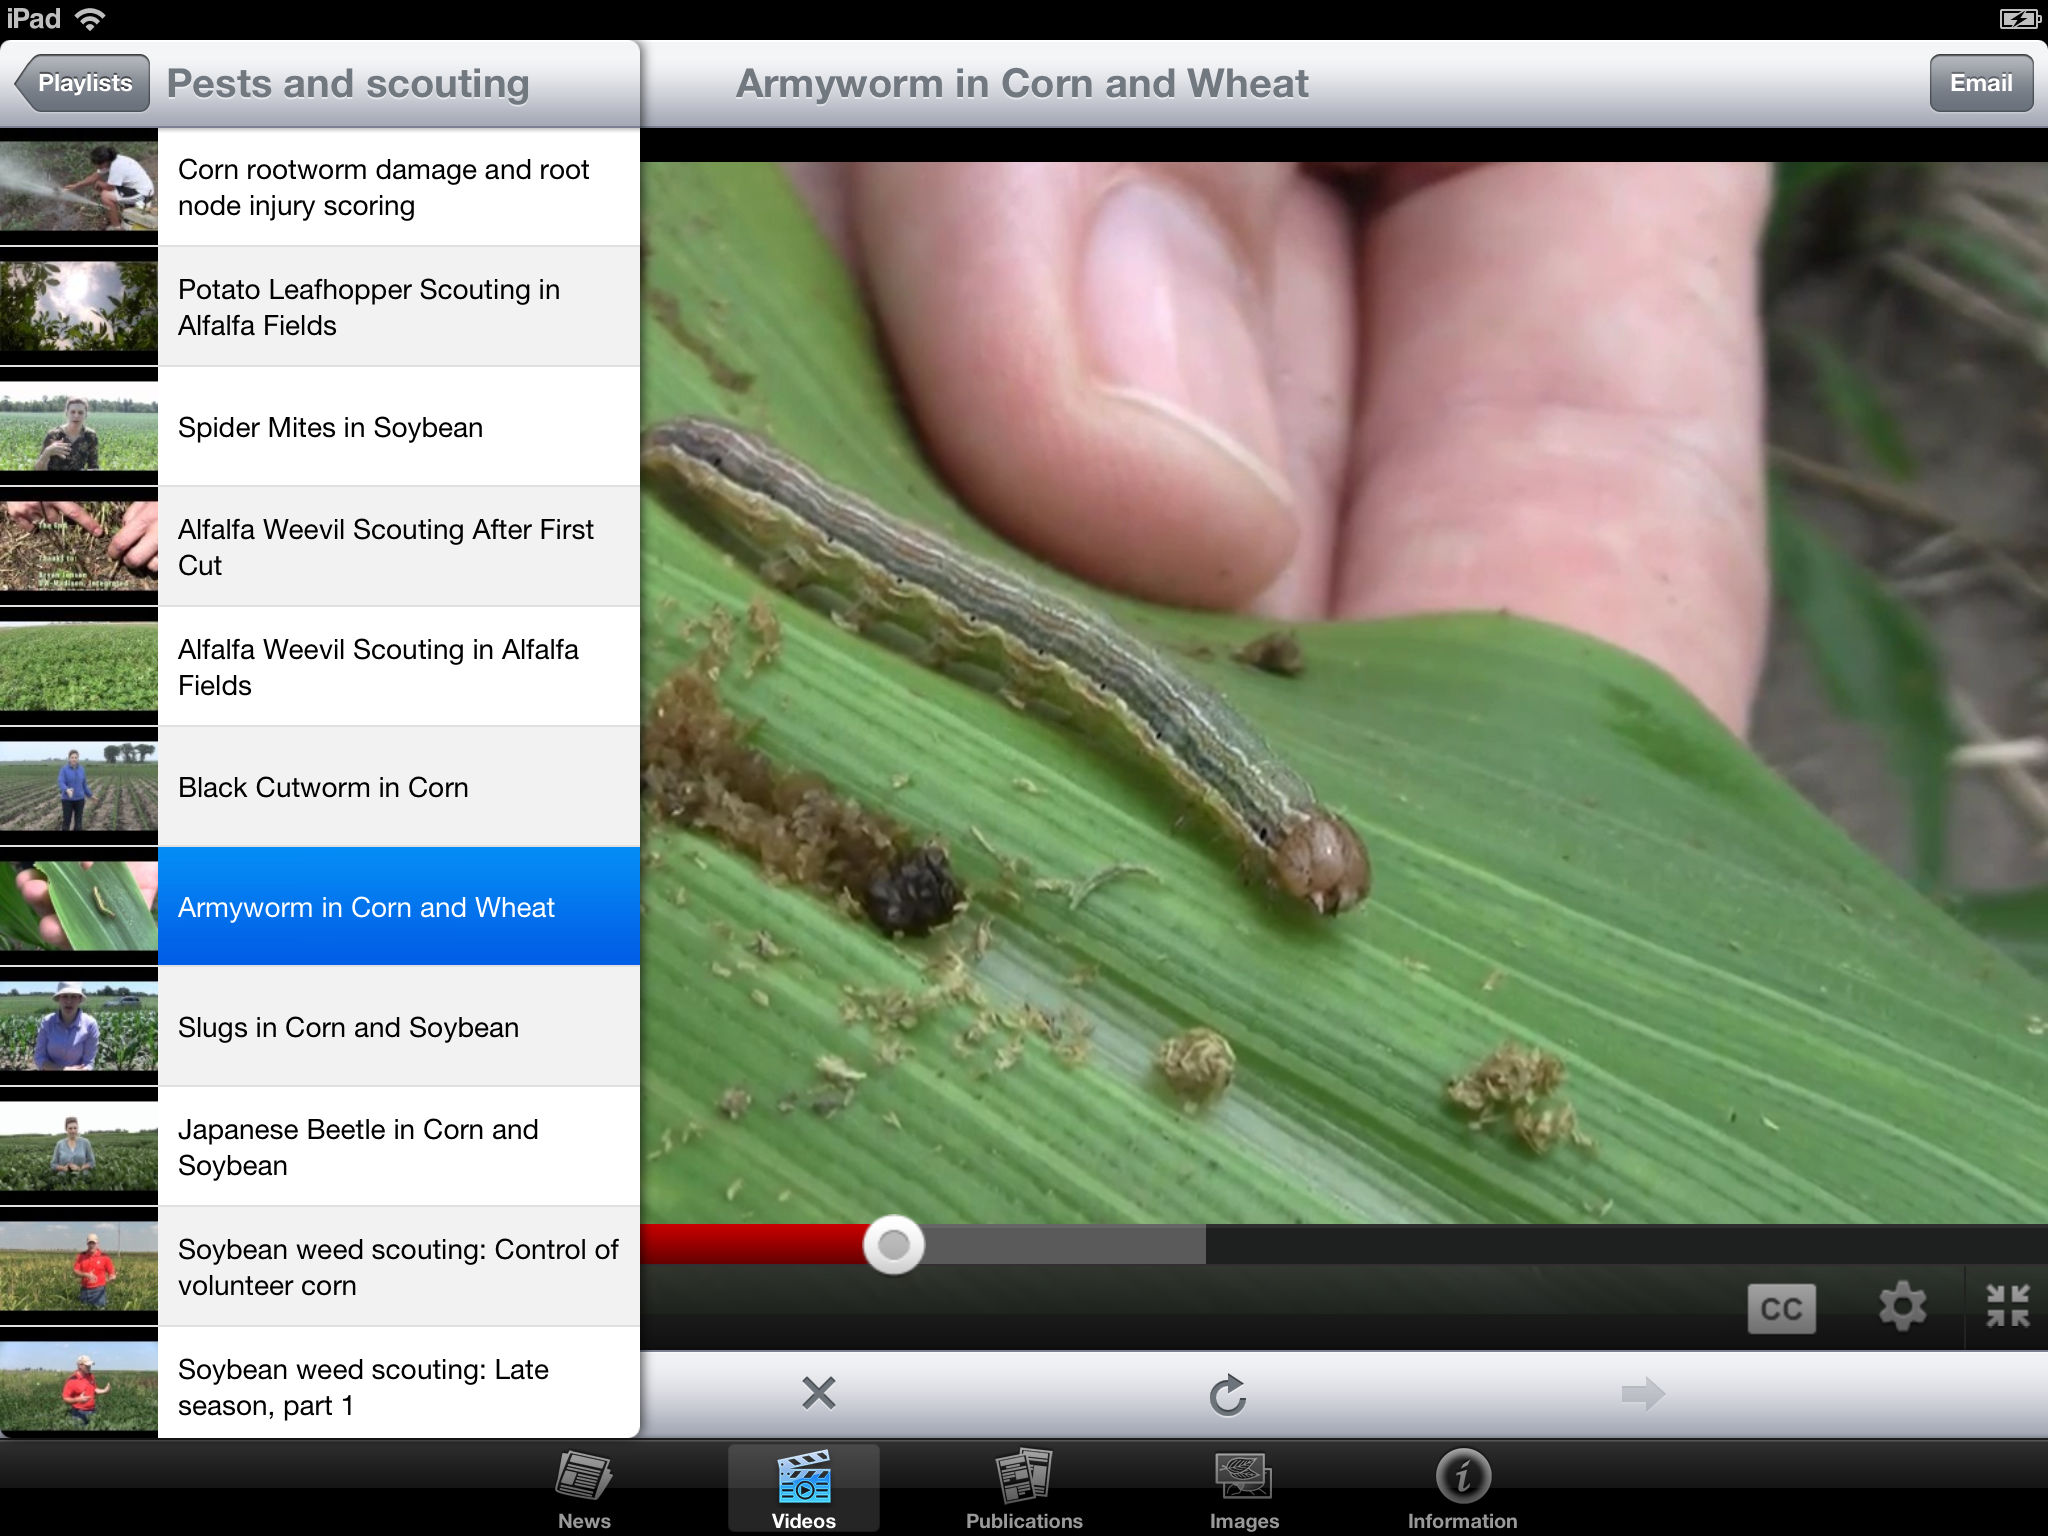 IPM-iPad-Youtube